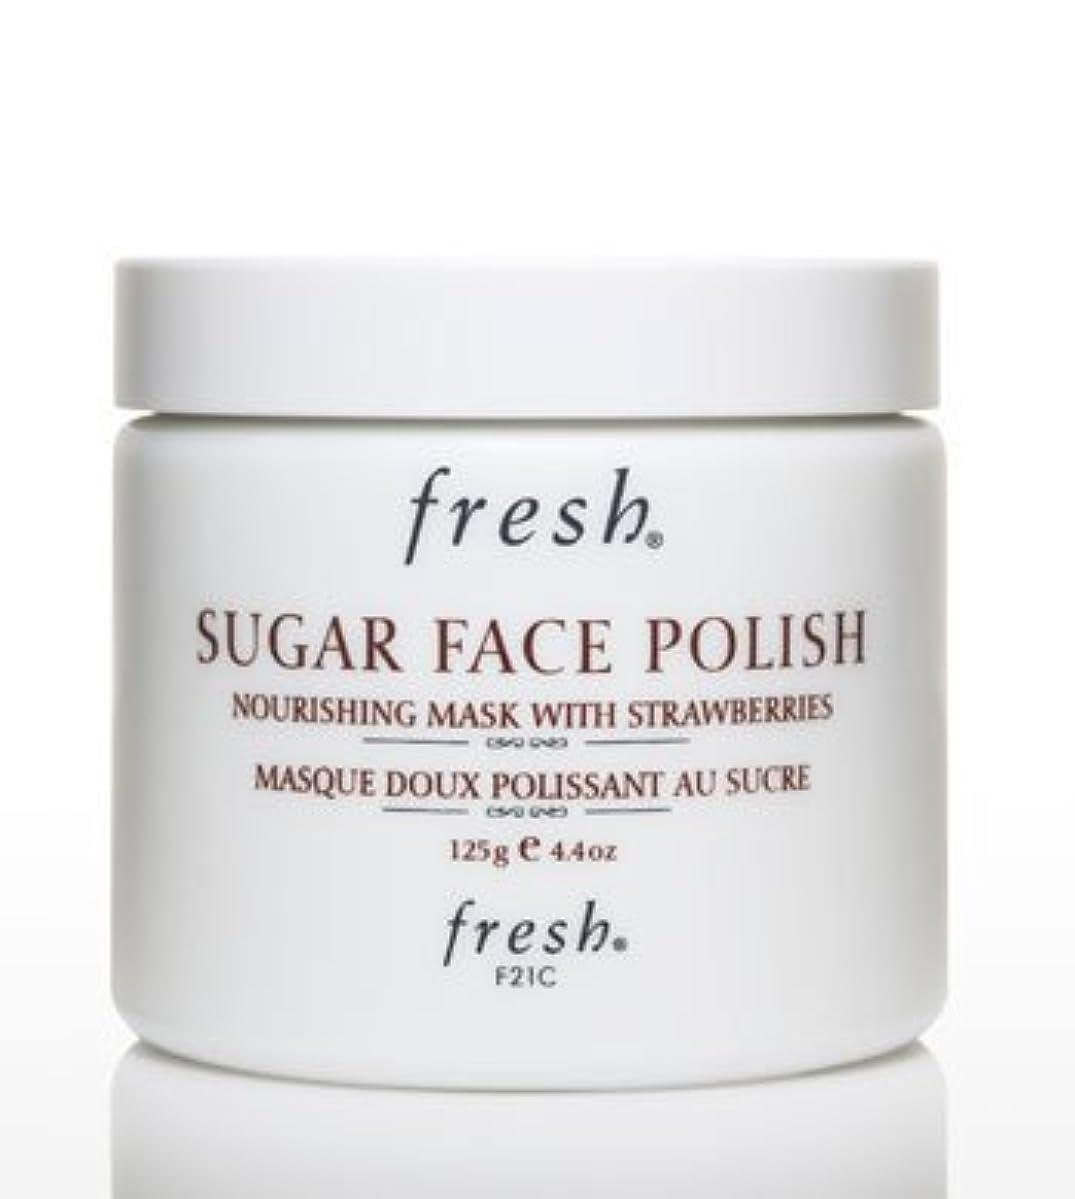 二層見つけた広いFresh SUGAR FACE POLISH (フレッシュ シュガーフェイスポリッシュ) 4.2 oz (125g) by Fresh for Women